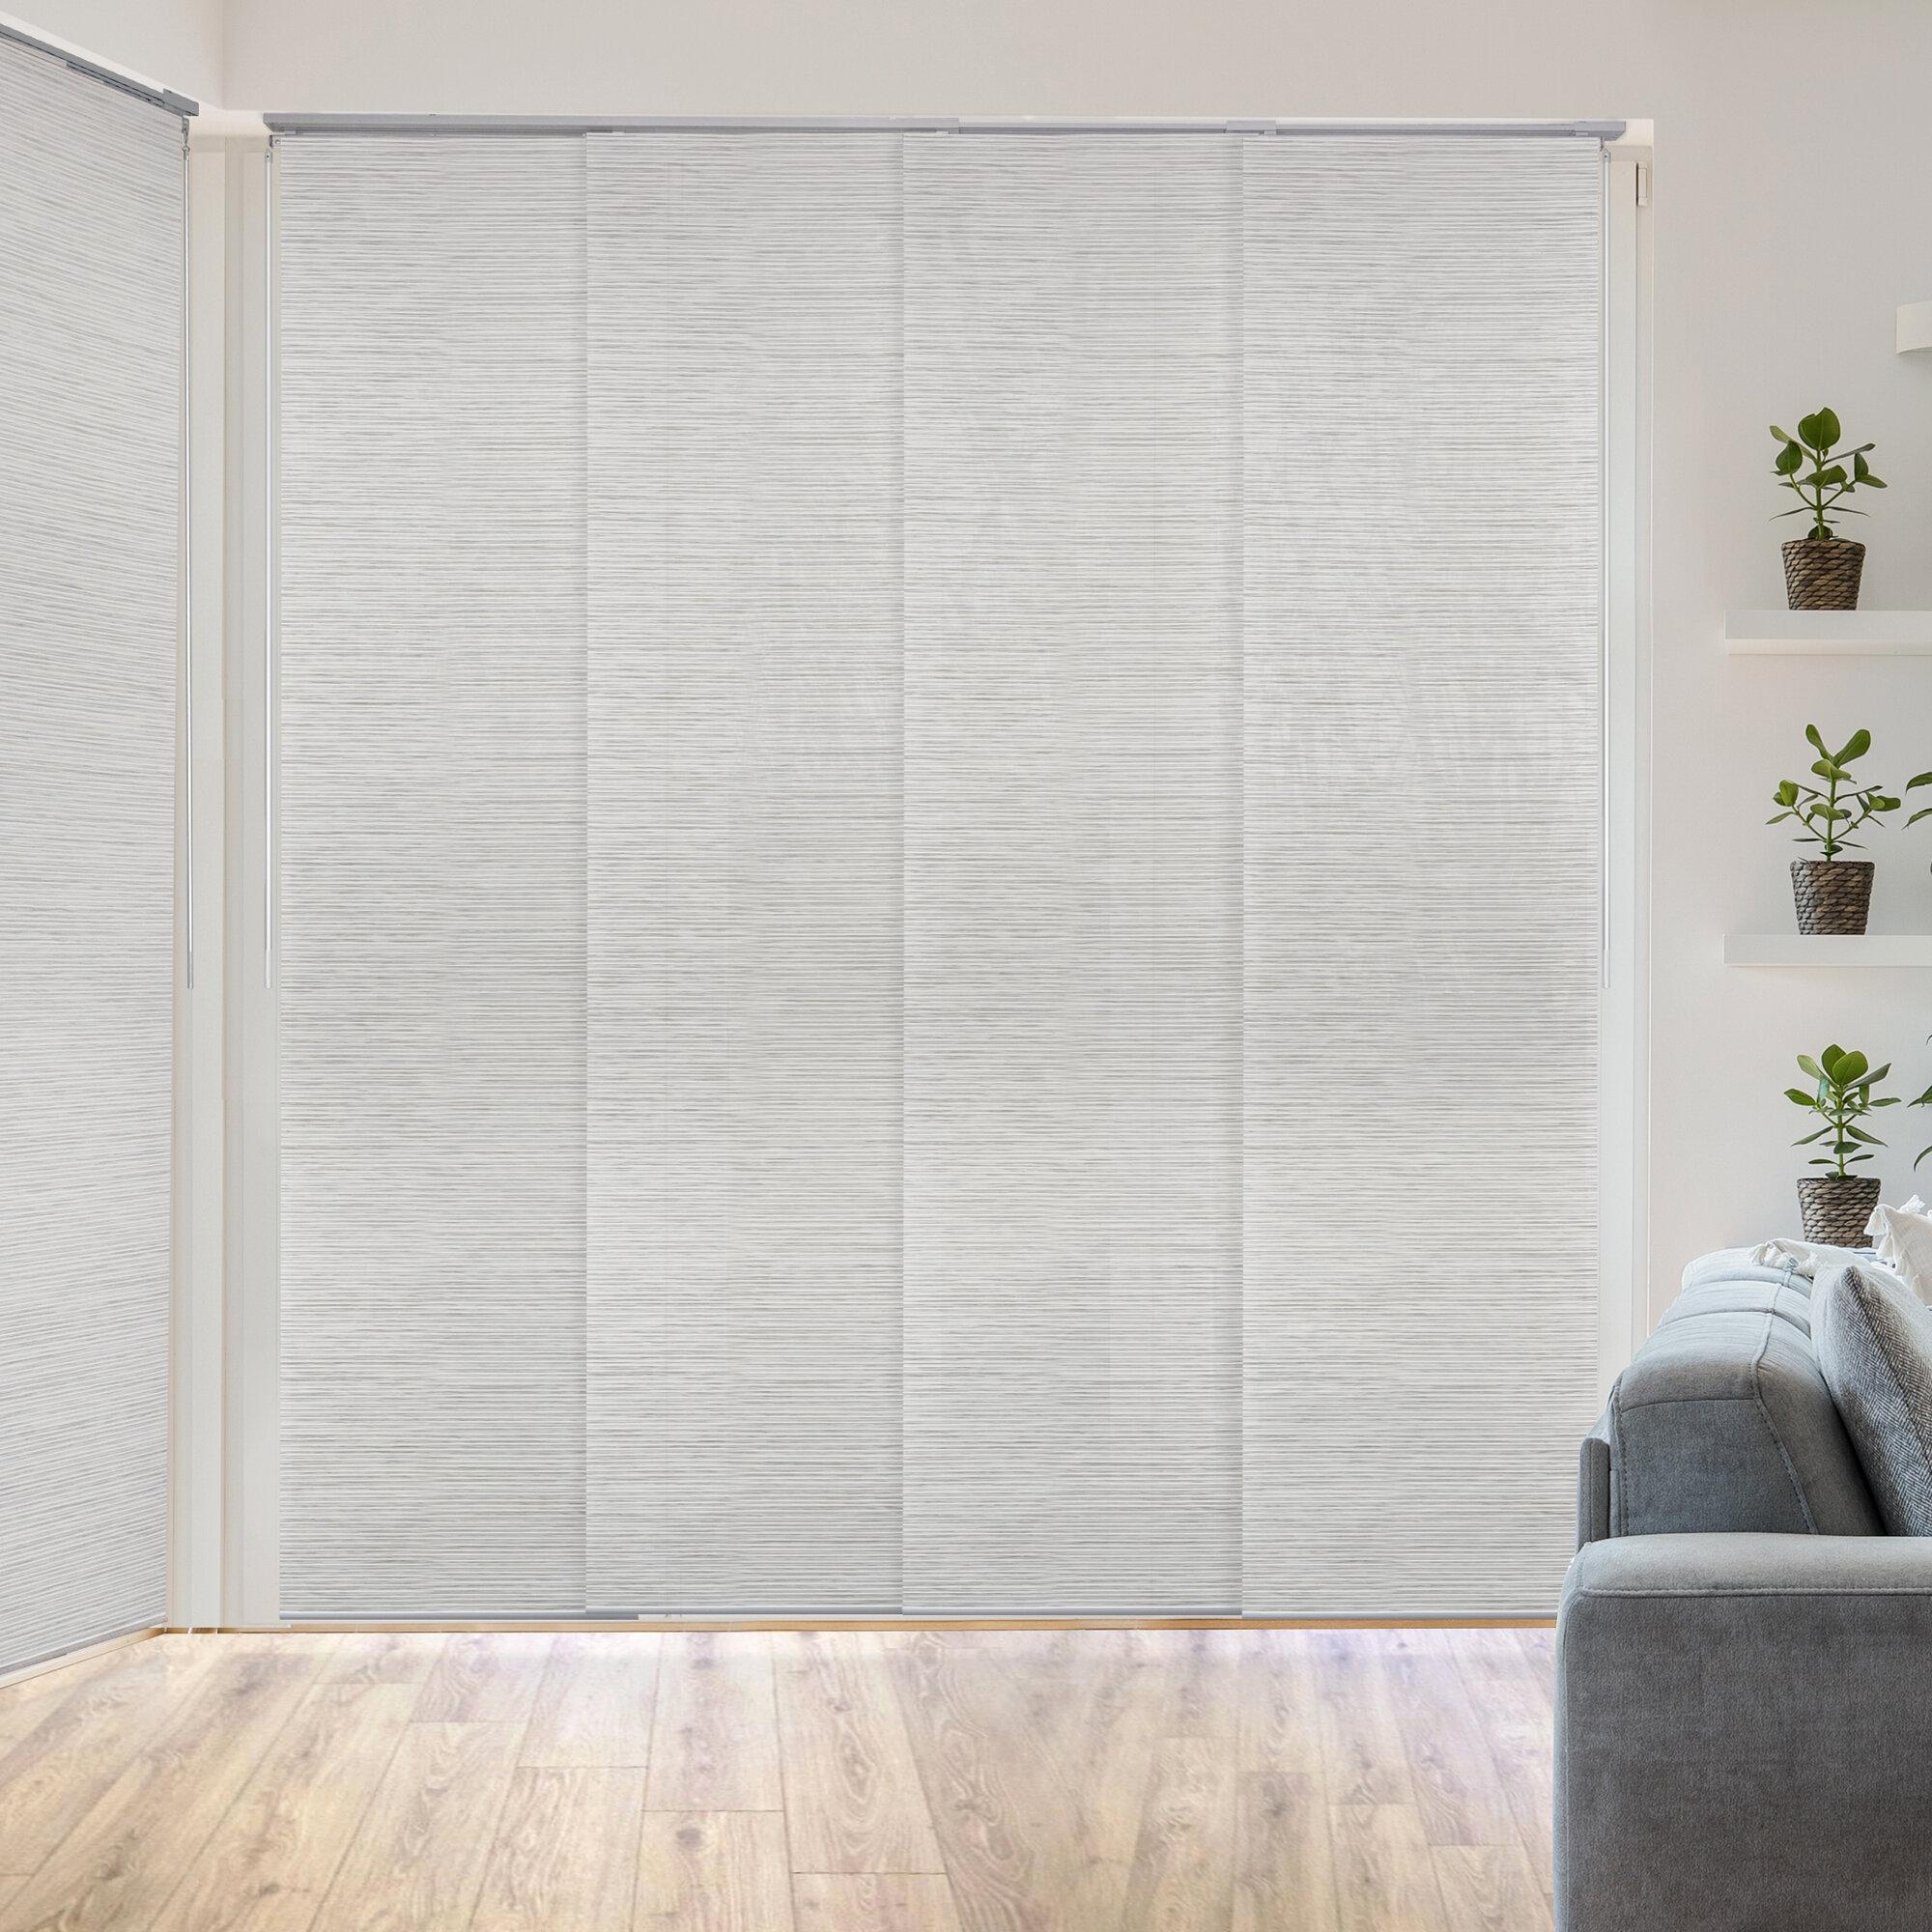 Deluxe Adjustable Sliding Room Darkening White/Gray Vertical Blind